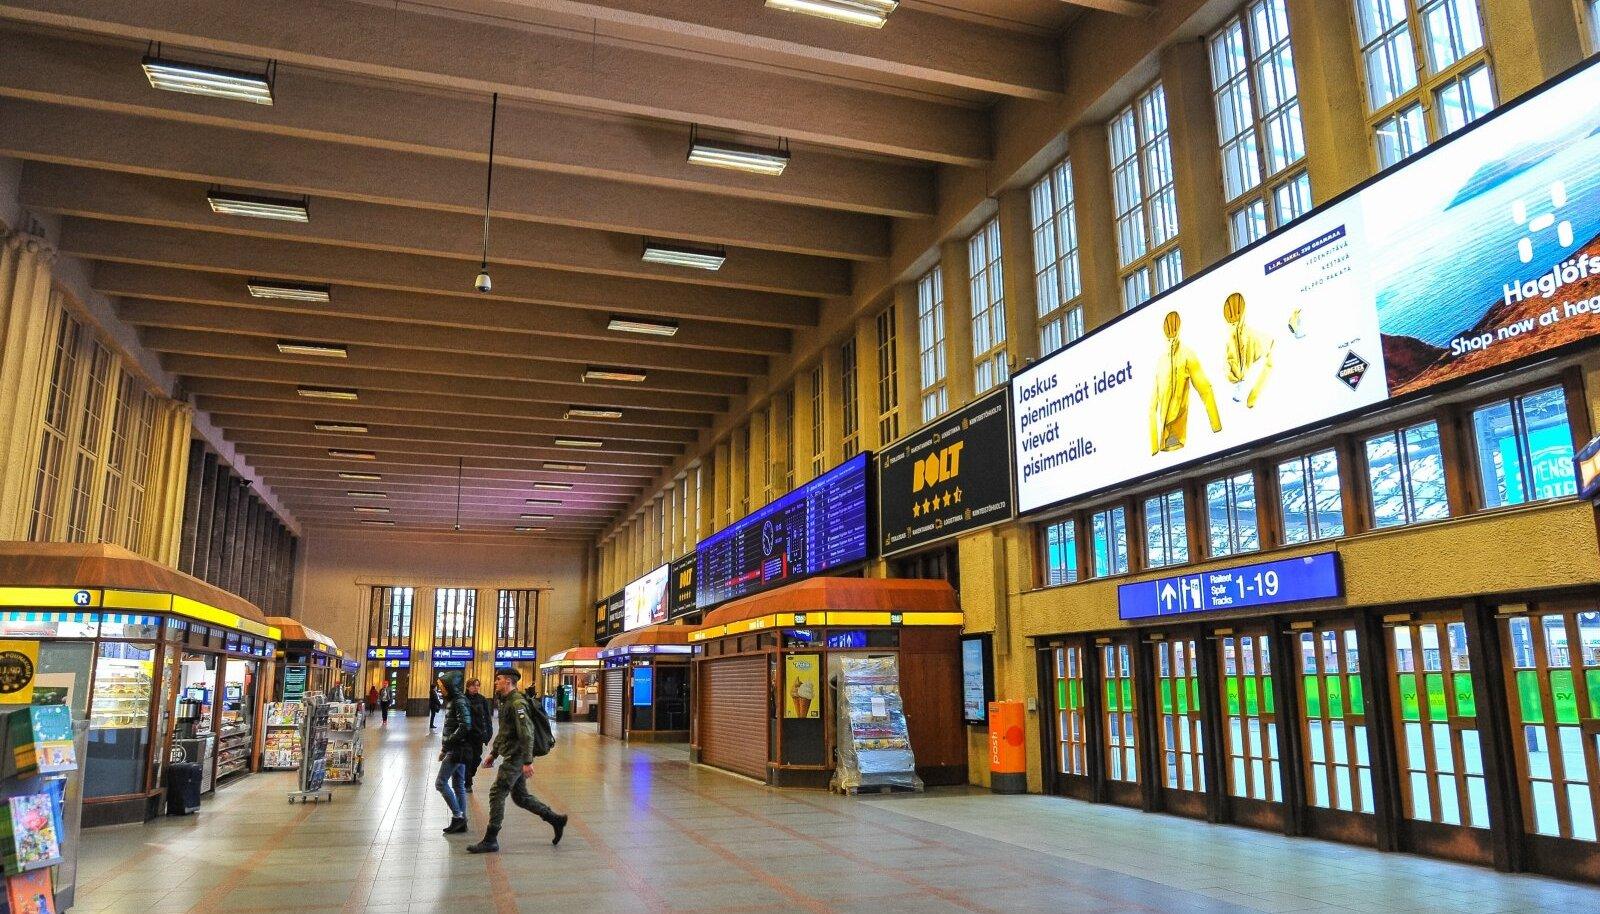 Aasta tagasi olid kaubanduskeskused Helsingis suletud. Täna on need küll lahti, kuid üldjuhul suhtutakse maskikandmisesse ükskõikselt.